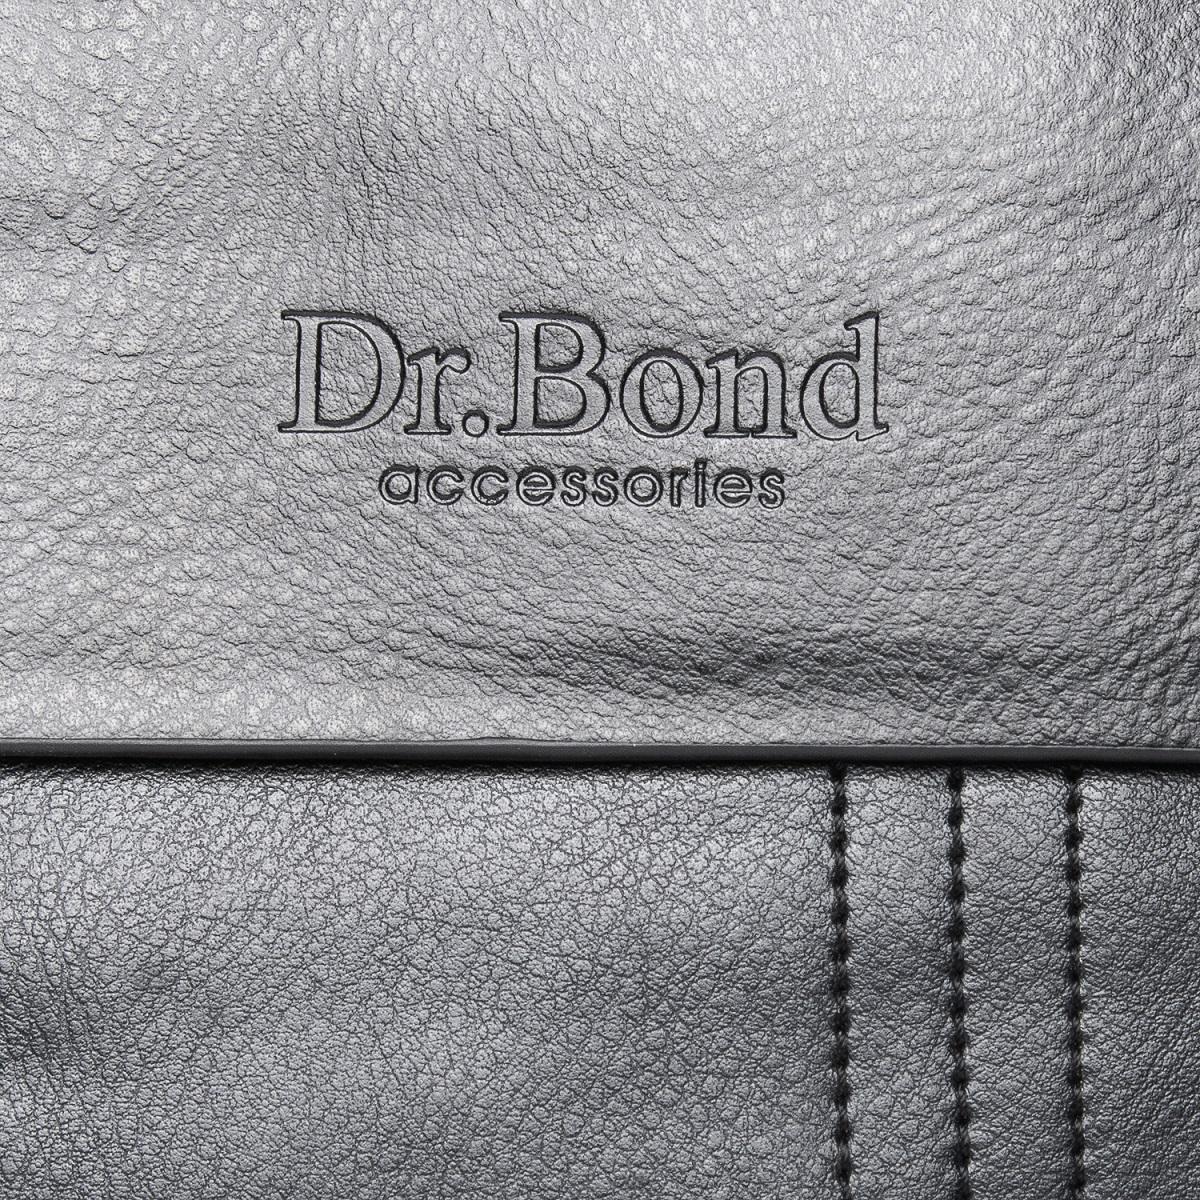 Сумка Мужская Планшет иск-кожа DR. BOND GL 305-1 black - фото 3